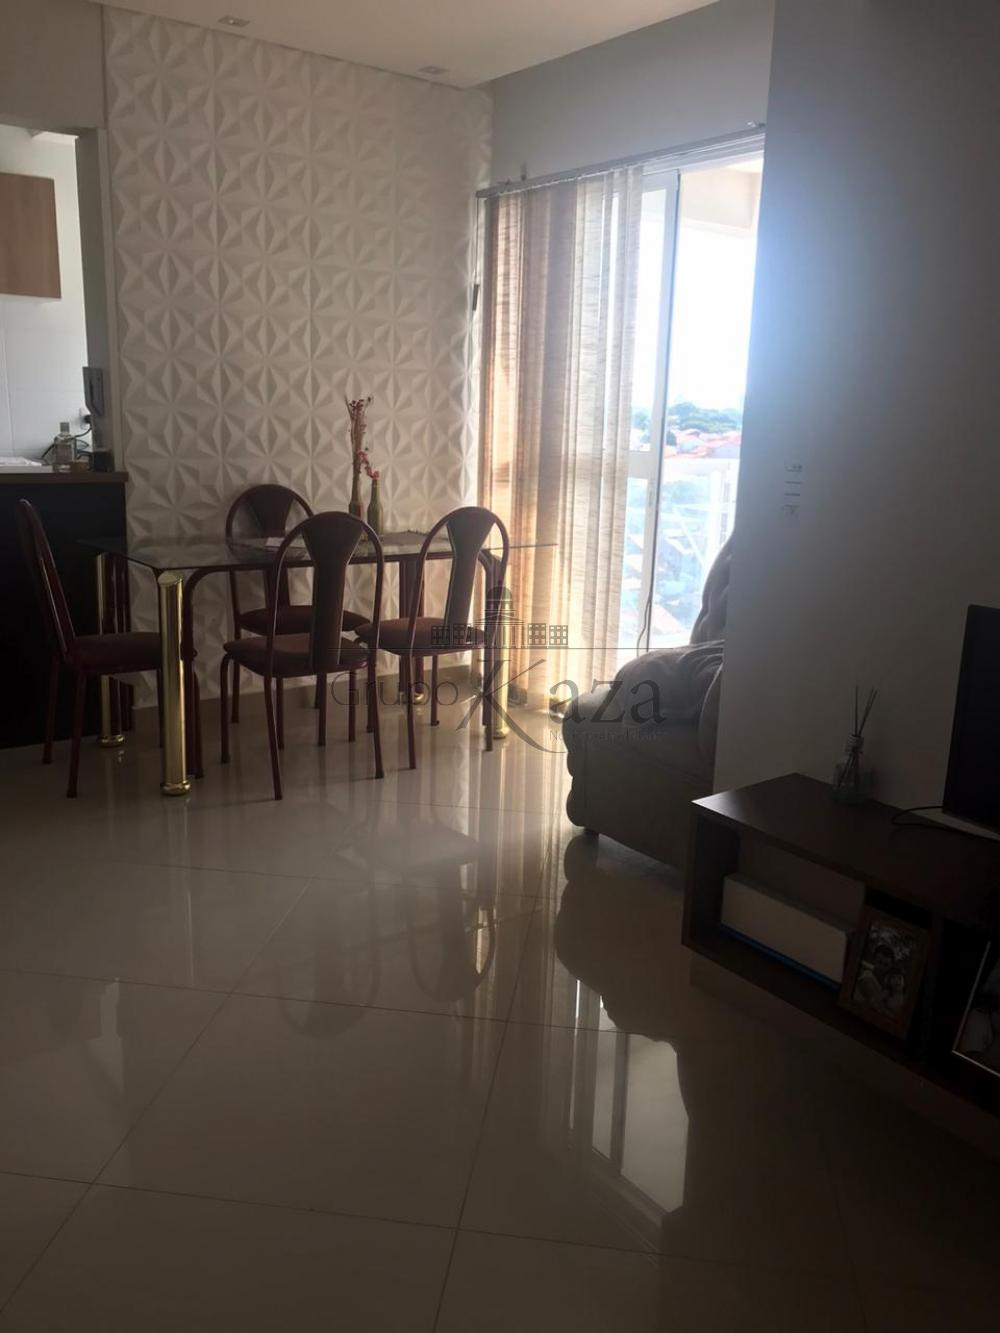 Comprar Apartamento / Padrão em São José dos Campos apenas R$ 270.000,00 - Foto 9